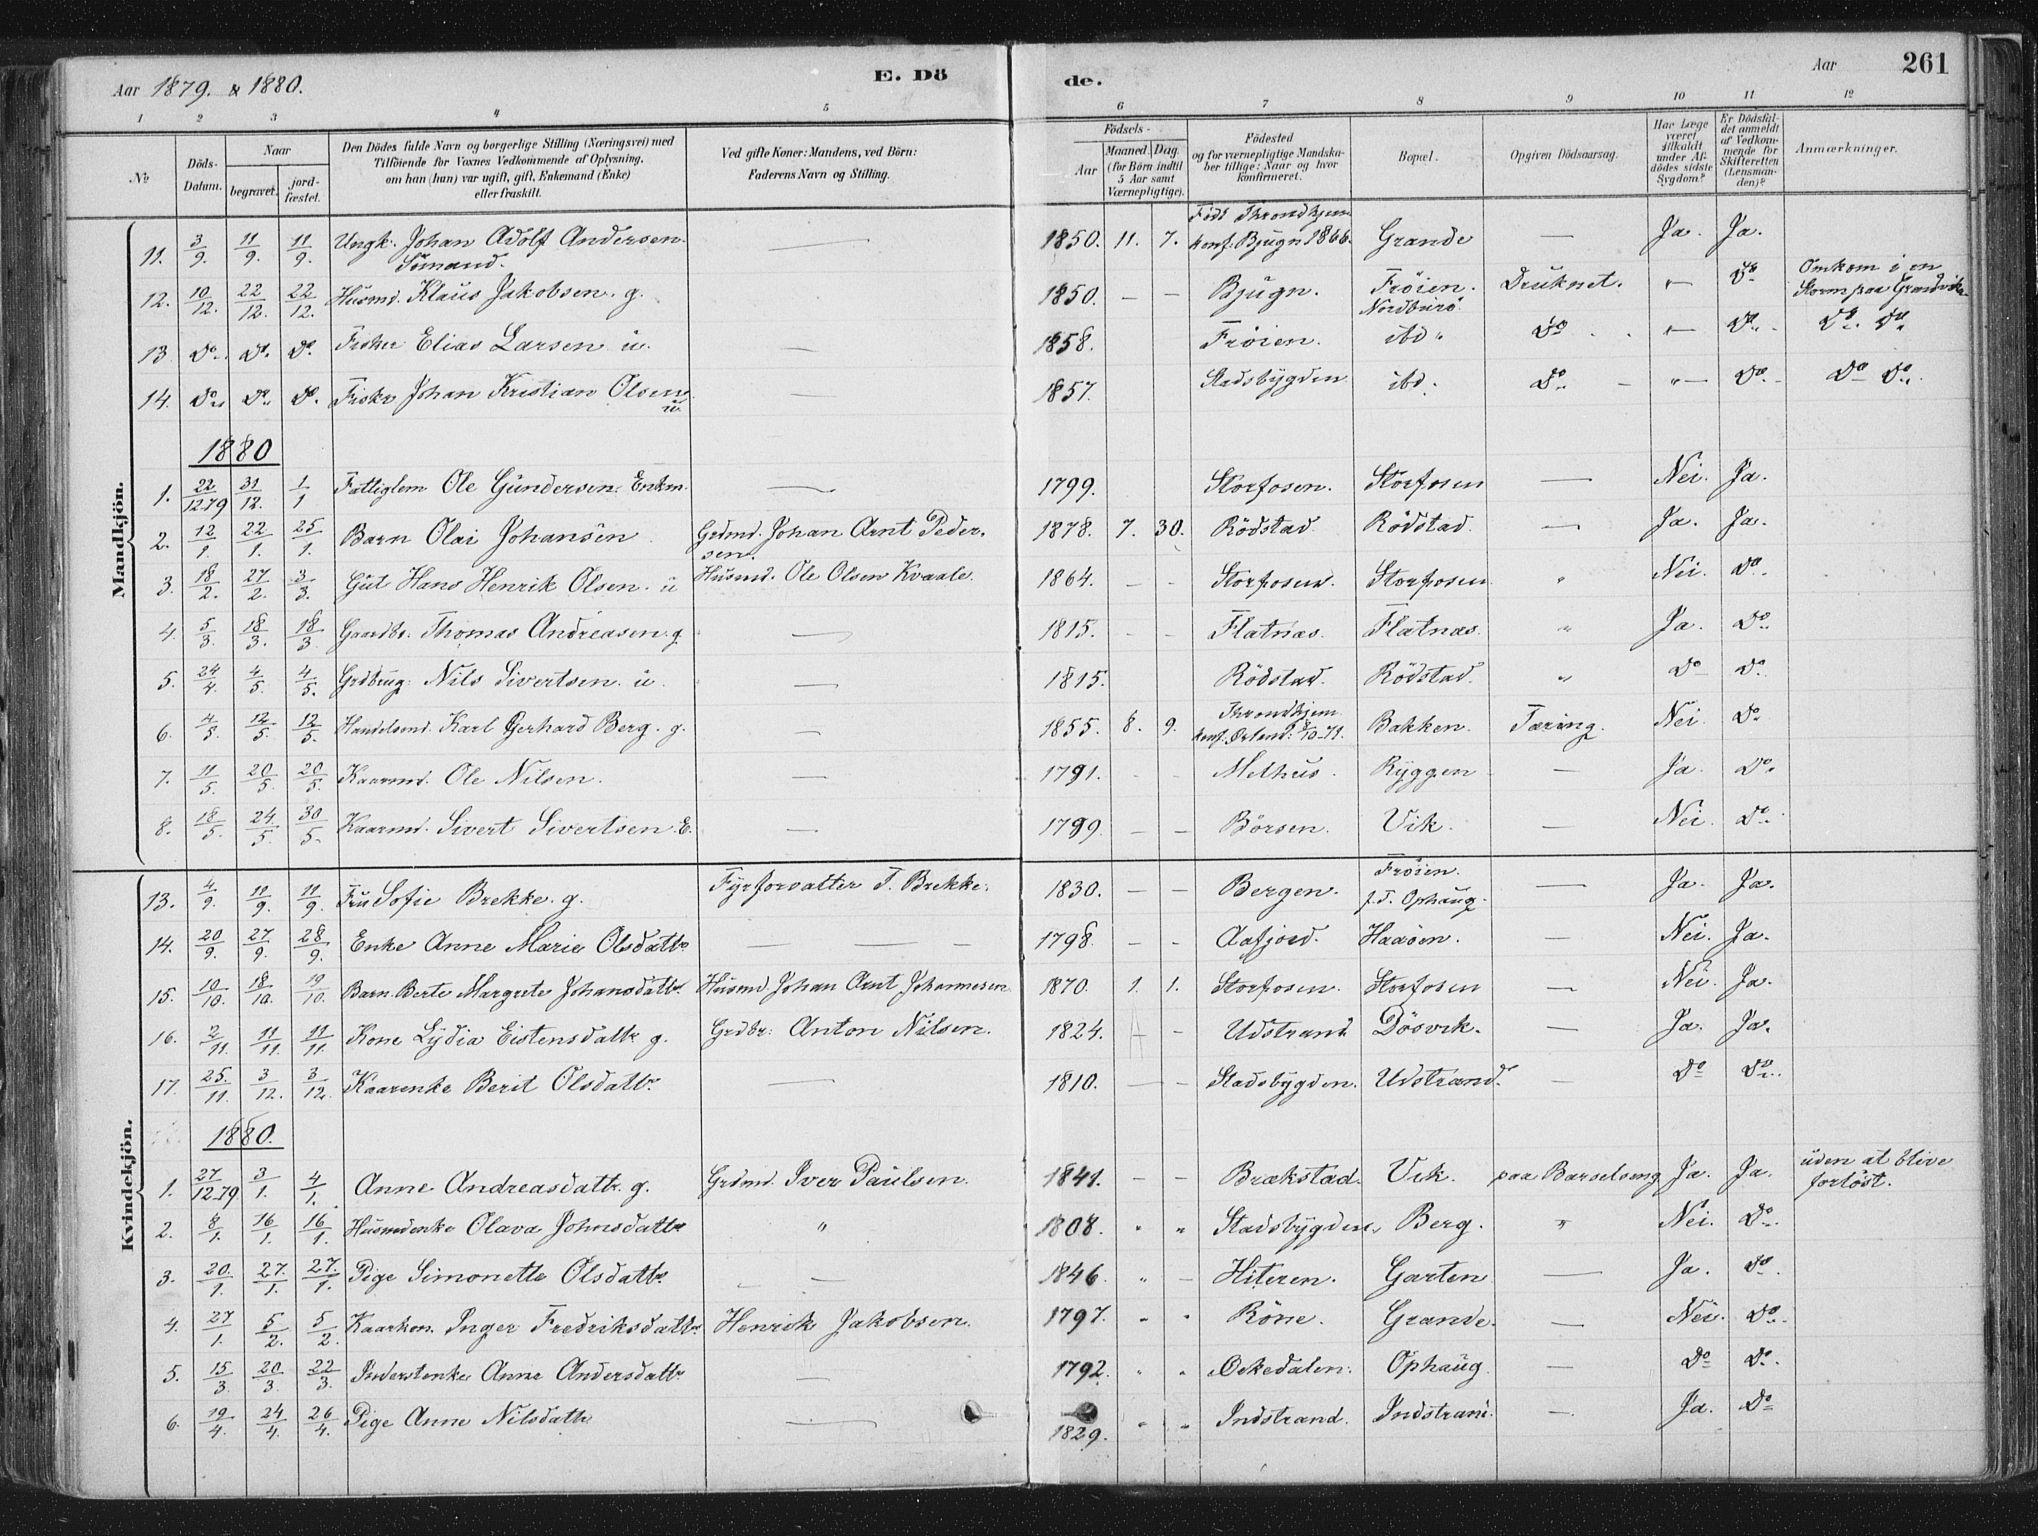 SAT, Ministerialprotokoller, klokkerbøker og fødselsregistre - Sør-Trøndelag, 659/L0739: Ministerialbok nr. 659A09, 1879-1893, s. 261